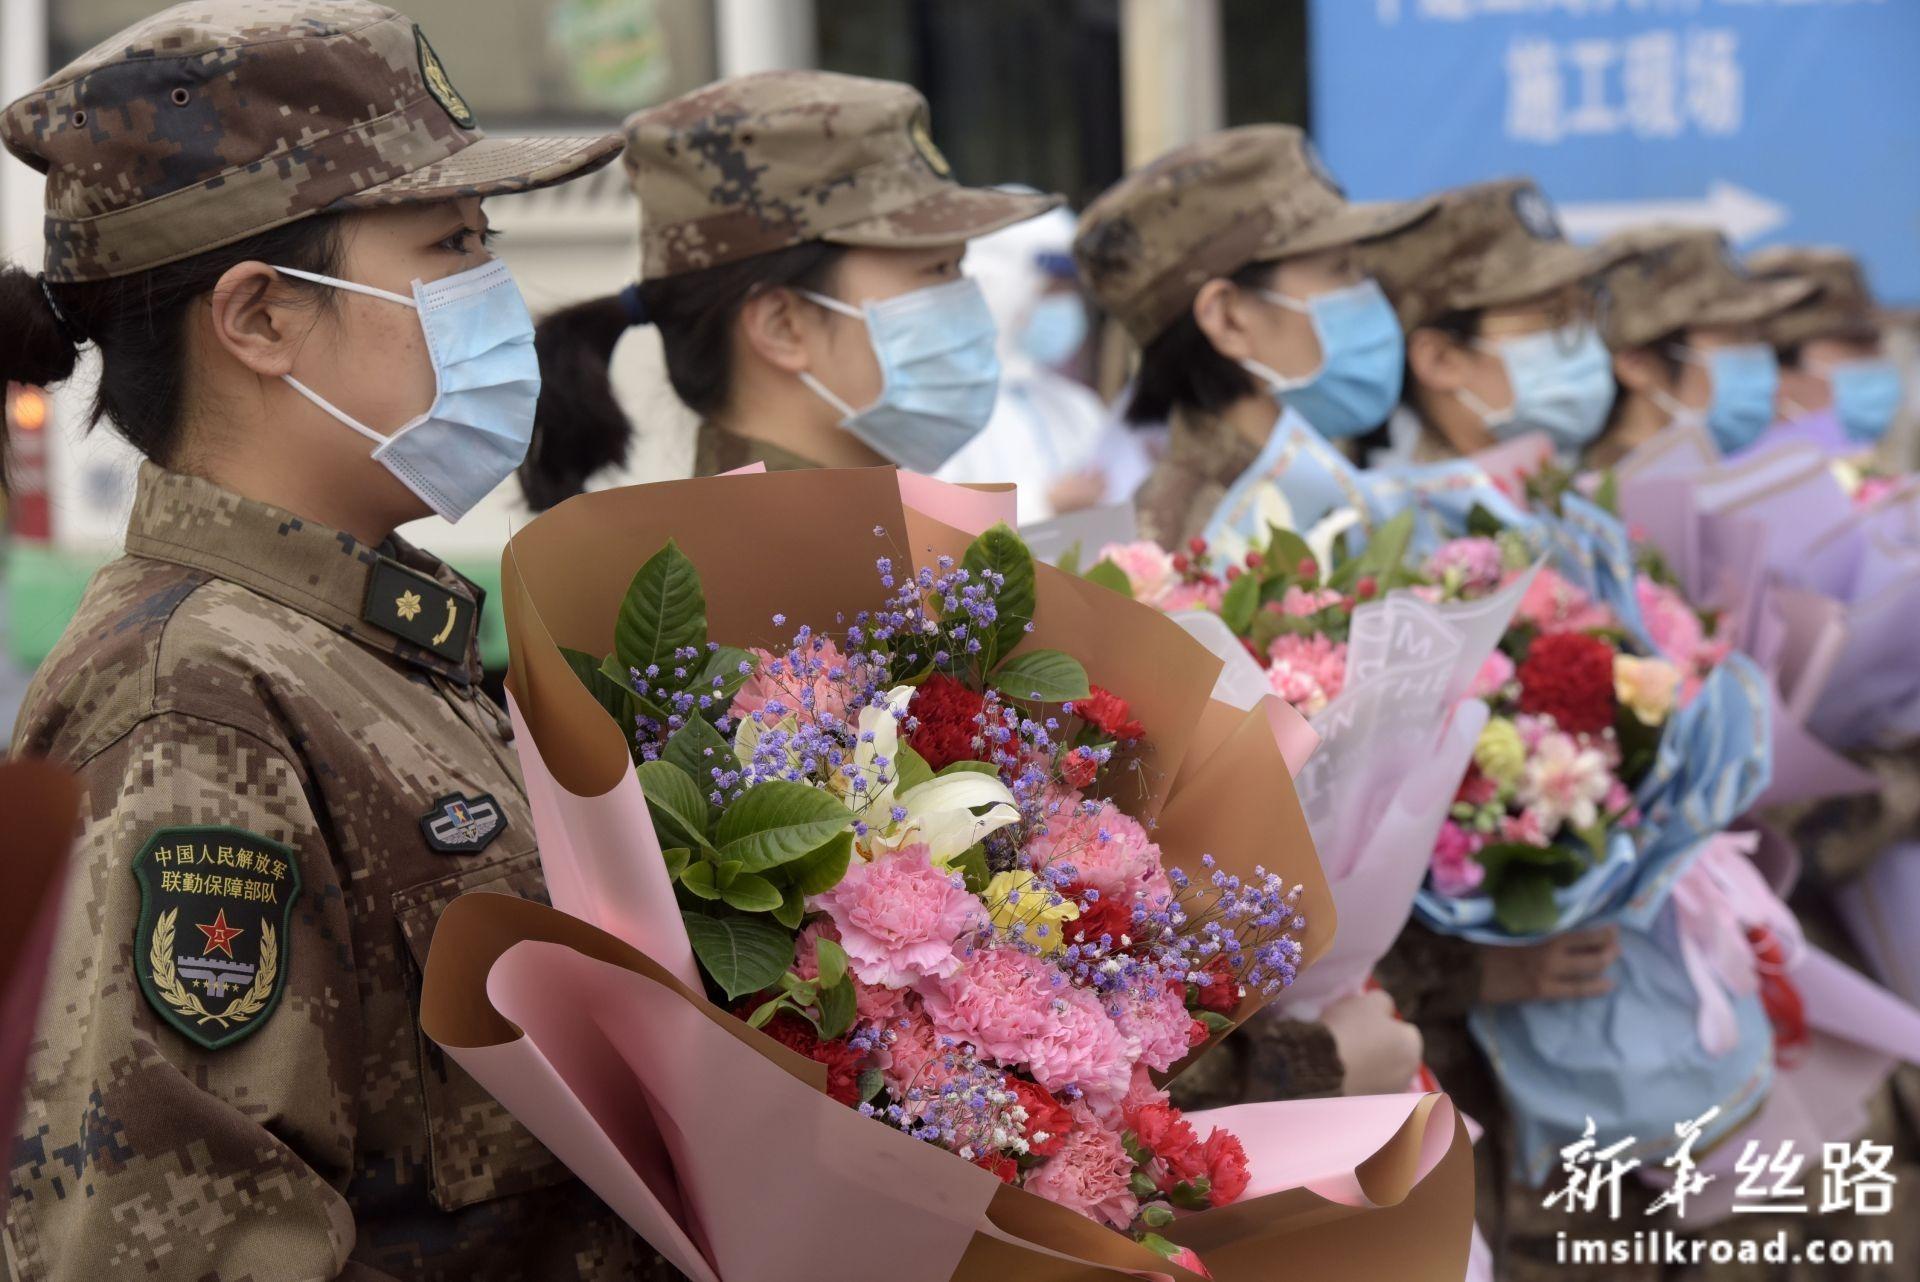 2月13日,在武汉火神山医院,医疗队队员手捧鲜花等候治愈患者出院。新华社发(范显海 摄)